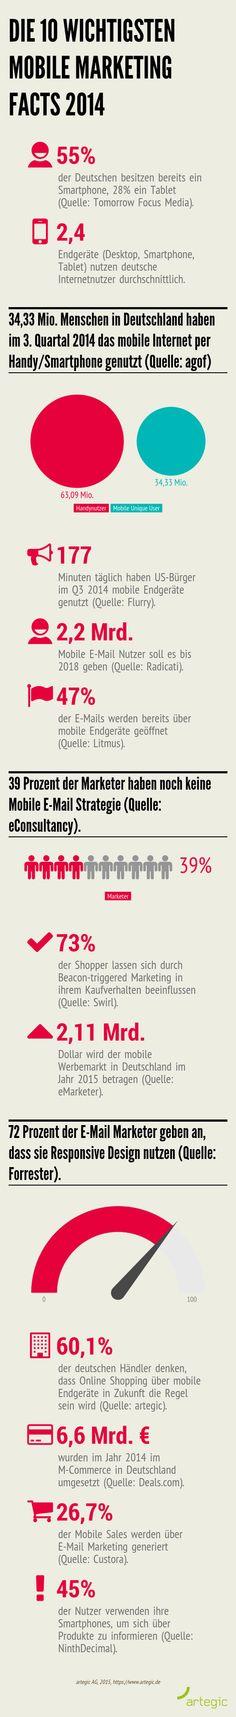 Wir geben einen Rückblick auf das Jahr 2014 und haben die 10 wichtigsten Mobile Marketing Facts in einer übersichtlichen Infografik zusammengefasst.